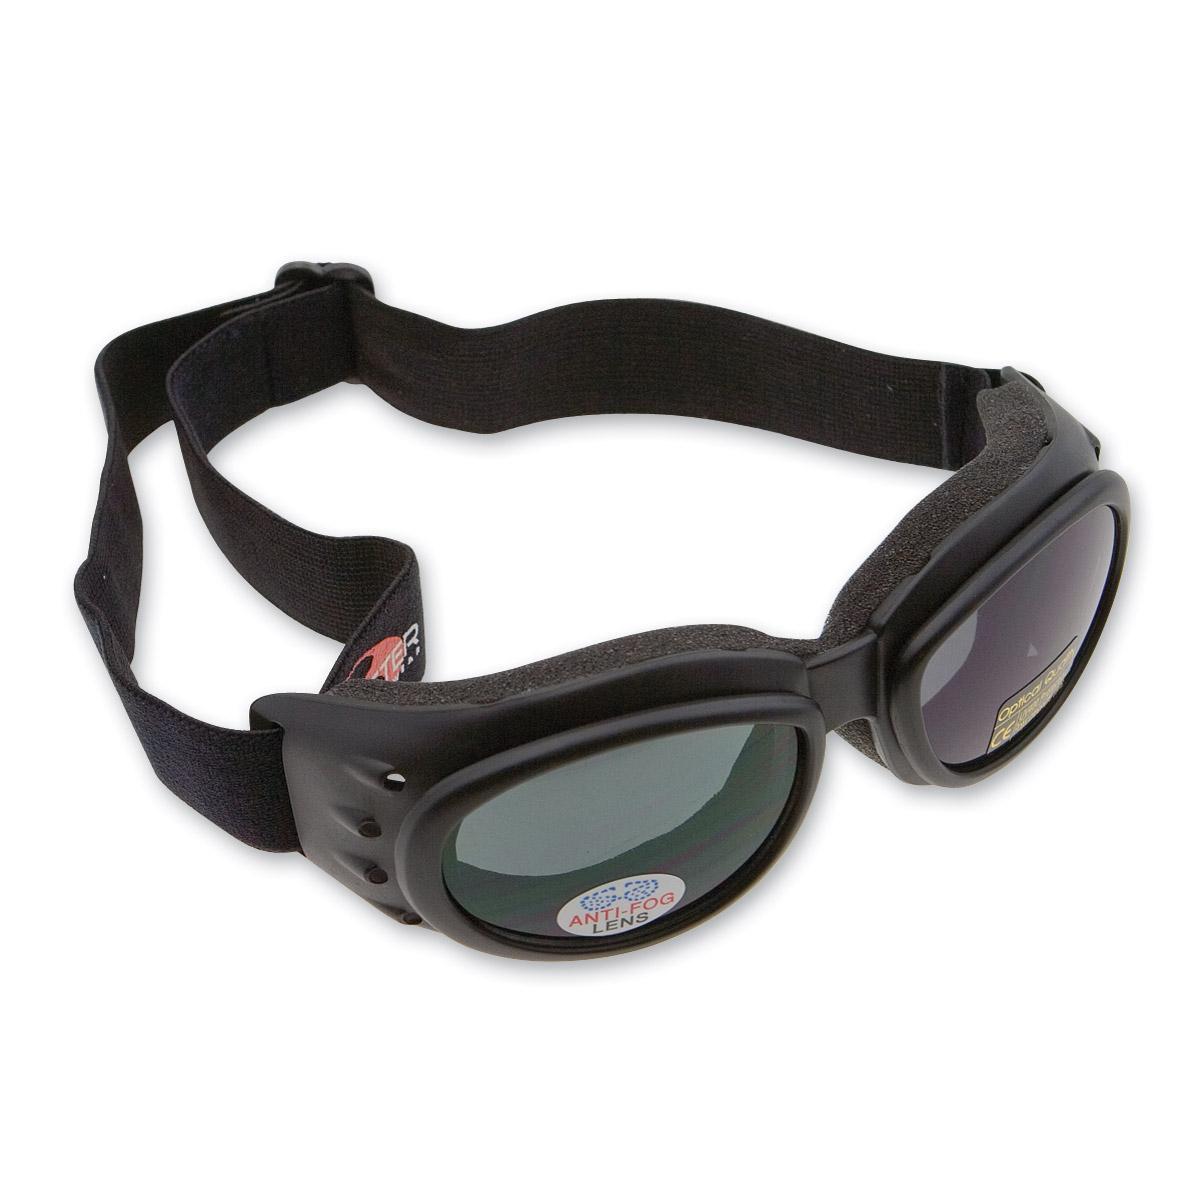 135679bc2e0 Bobster cruiser interchangeble goggles bca jpg 1201x1200 Goggles black bobster  cruiser